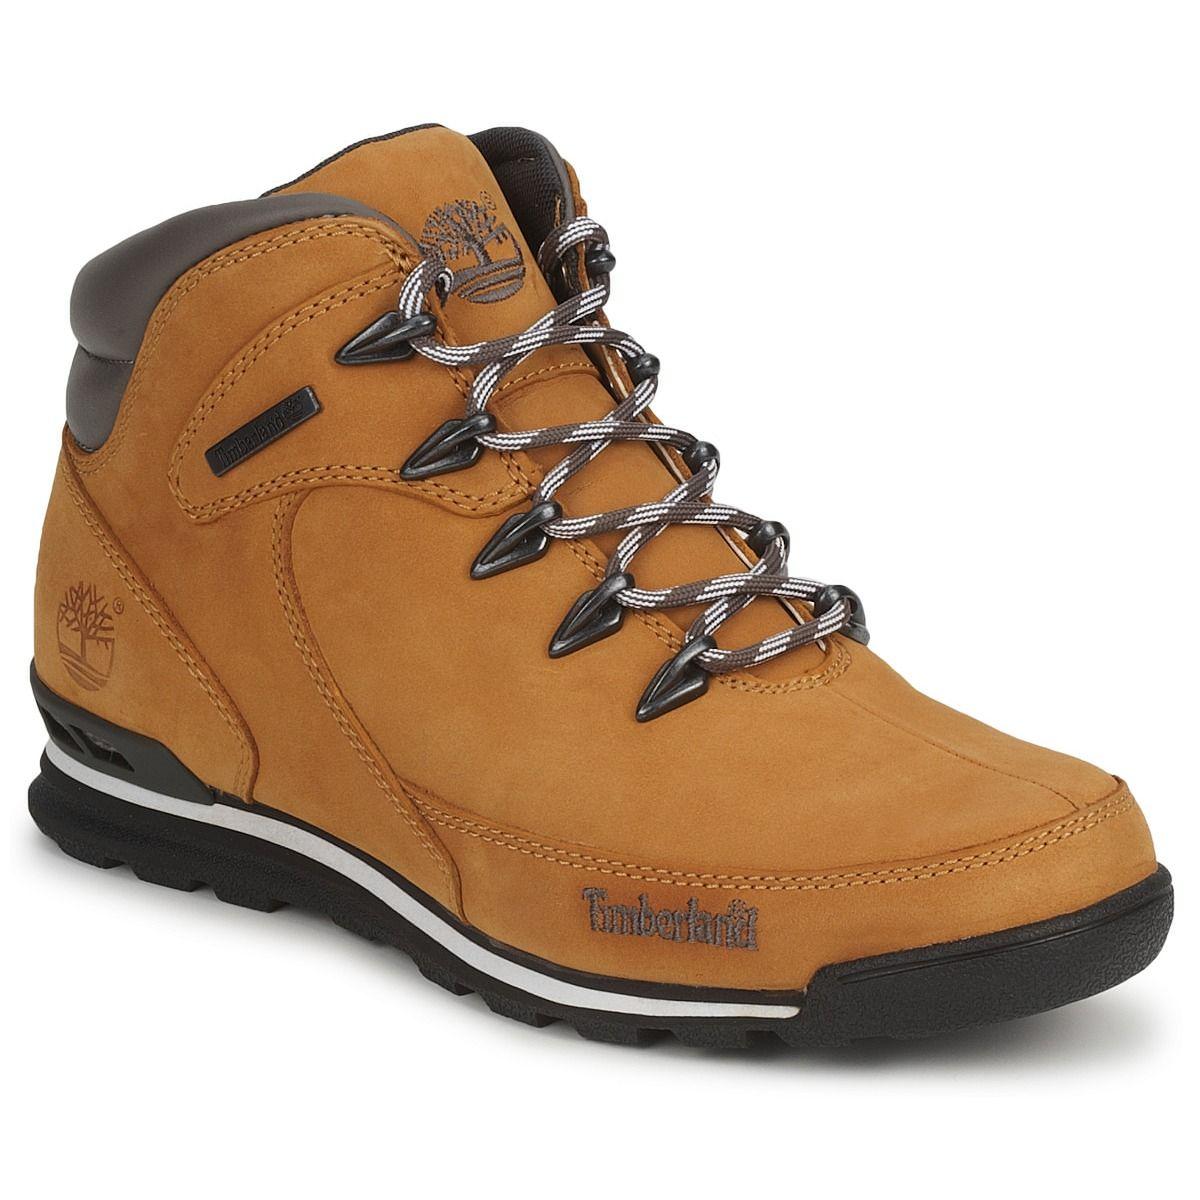 Barrio bajo Húmedo Mansedumbre  Rebajas Timberland EK EURO ROCK HIKER - Entrega gratuita con Spartoo.es ! | Zapatos  timberland hombre, Zapatos hombre casual, Zapatos hombre